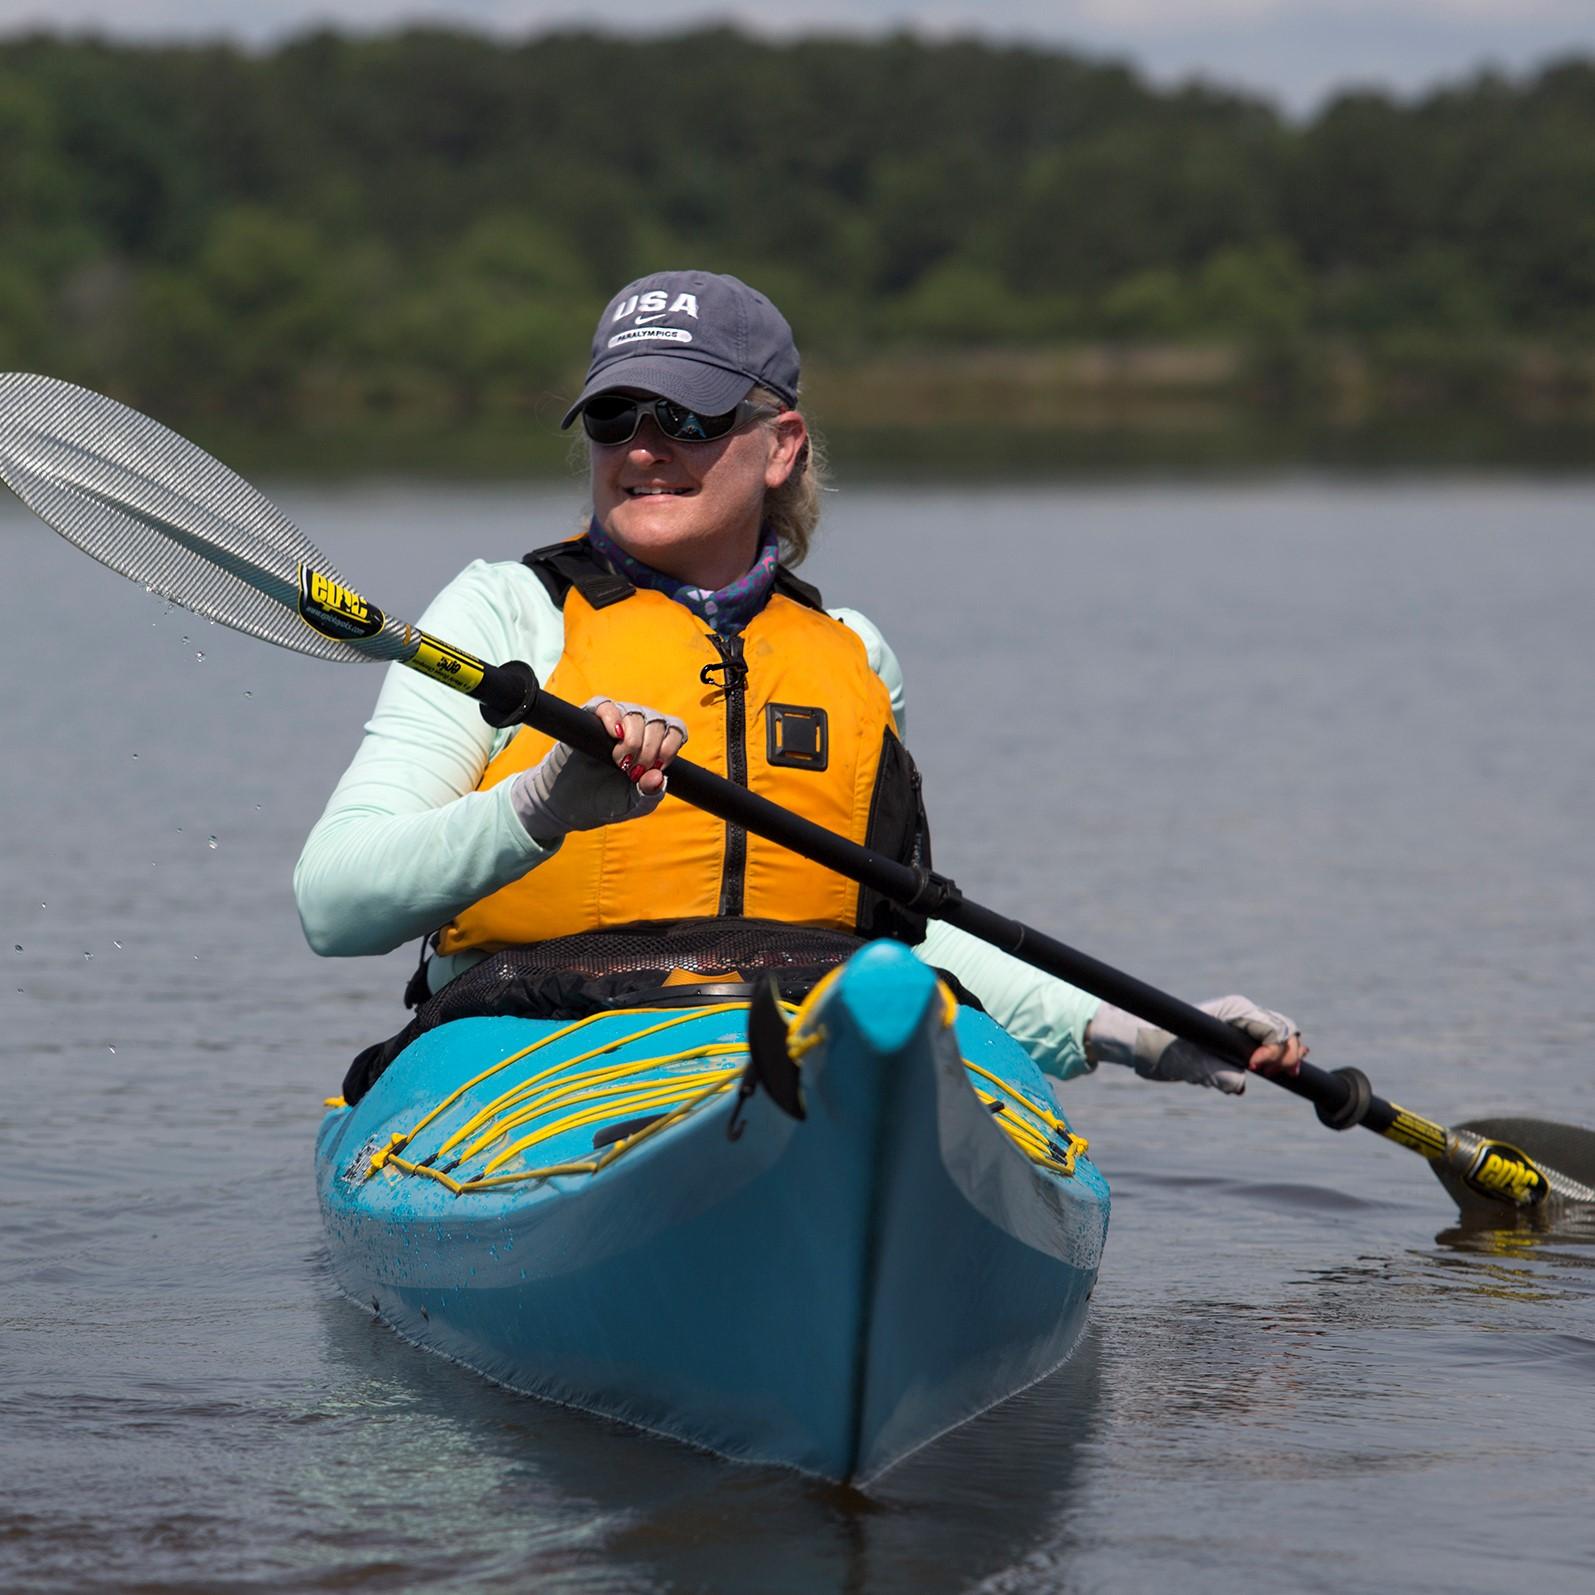 ashley thomas paddling in a blue kayak on lake crabtree